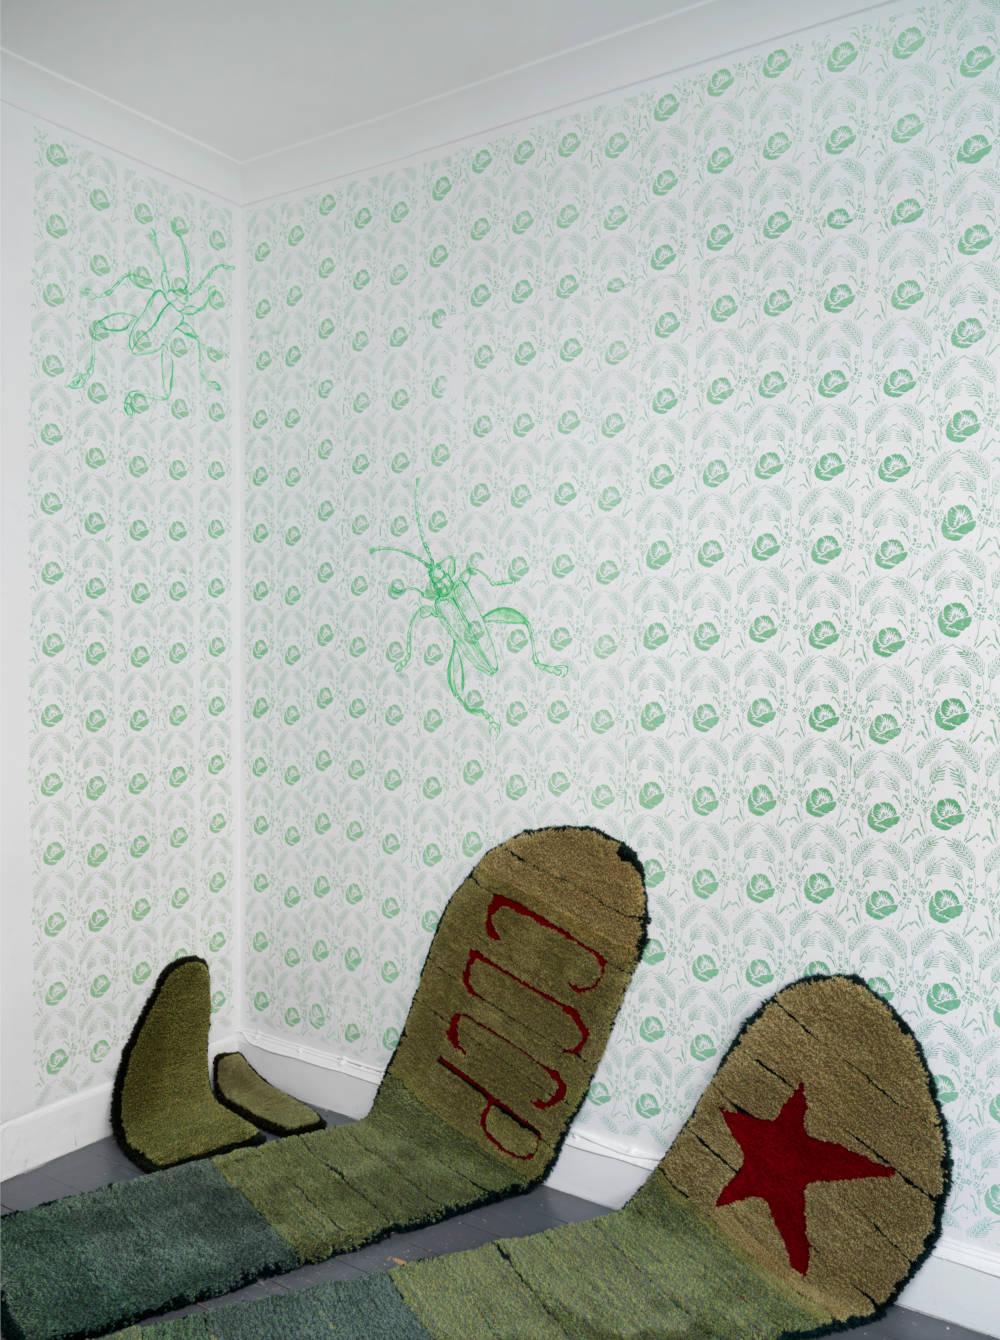 Patrick Heide Contemporary Art Varvara Shavrova 6